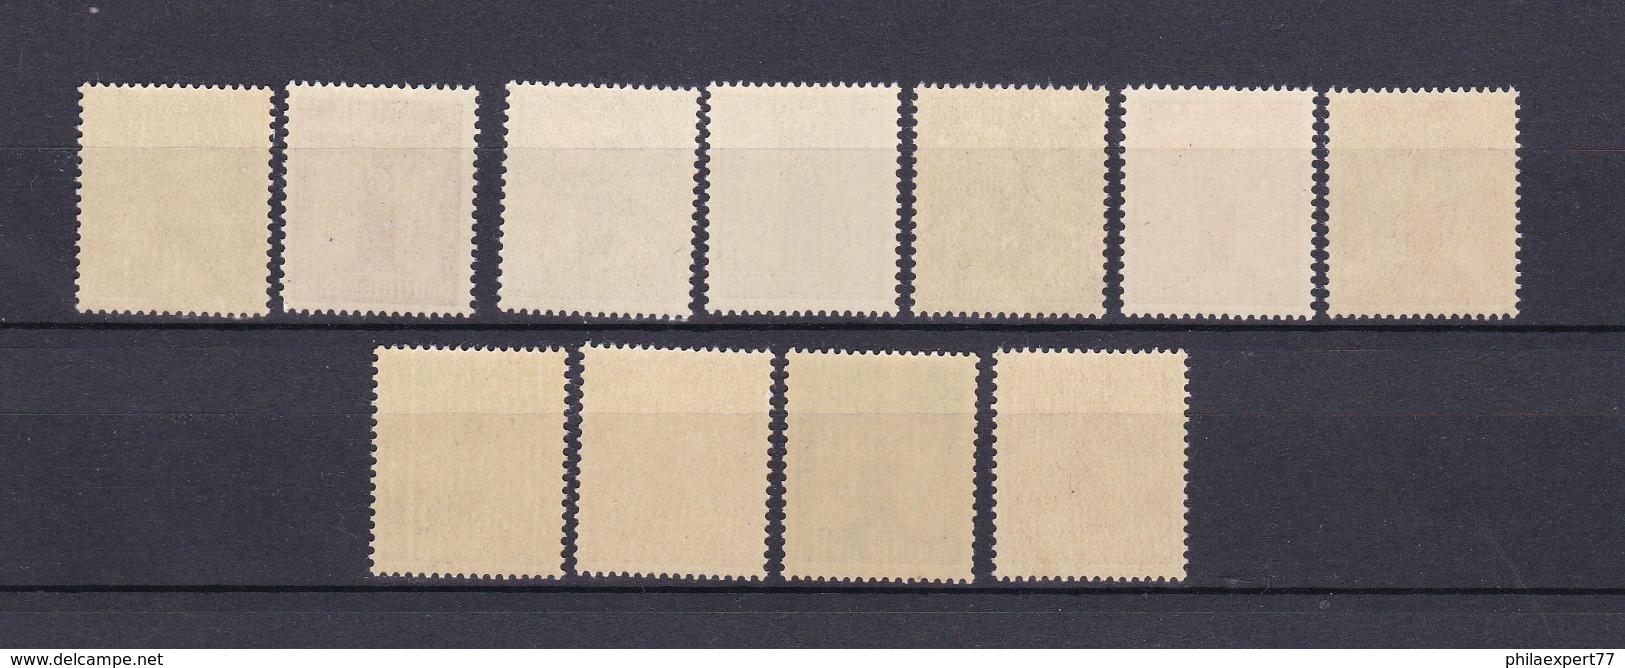 Deutsches Reich - 1942/44 - Dienstmarken - Michel Nr. 155/165 - Postfrisch - 50 Euro - Deutschland